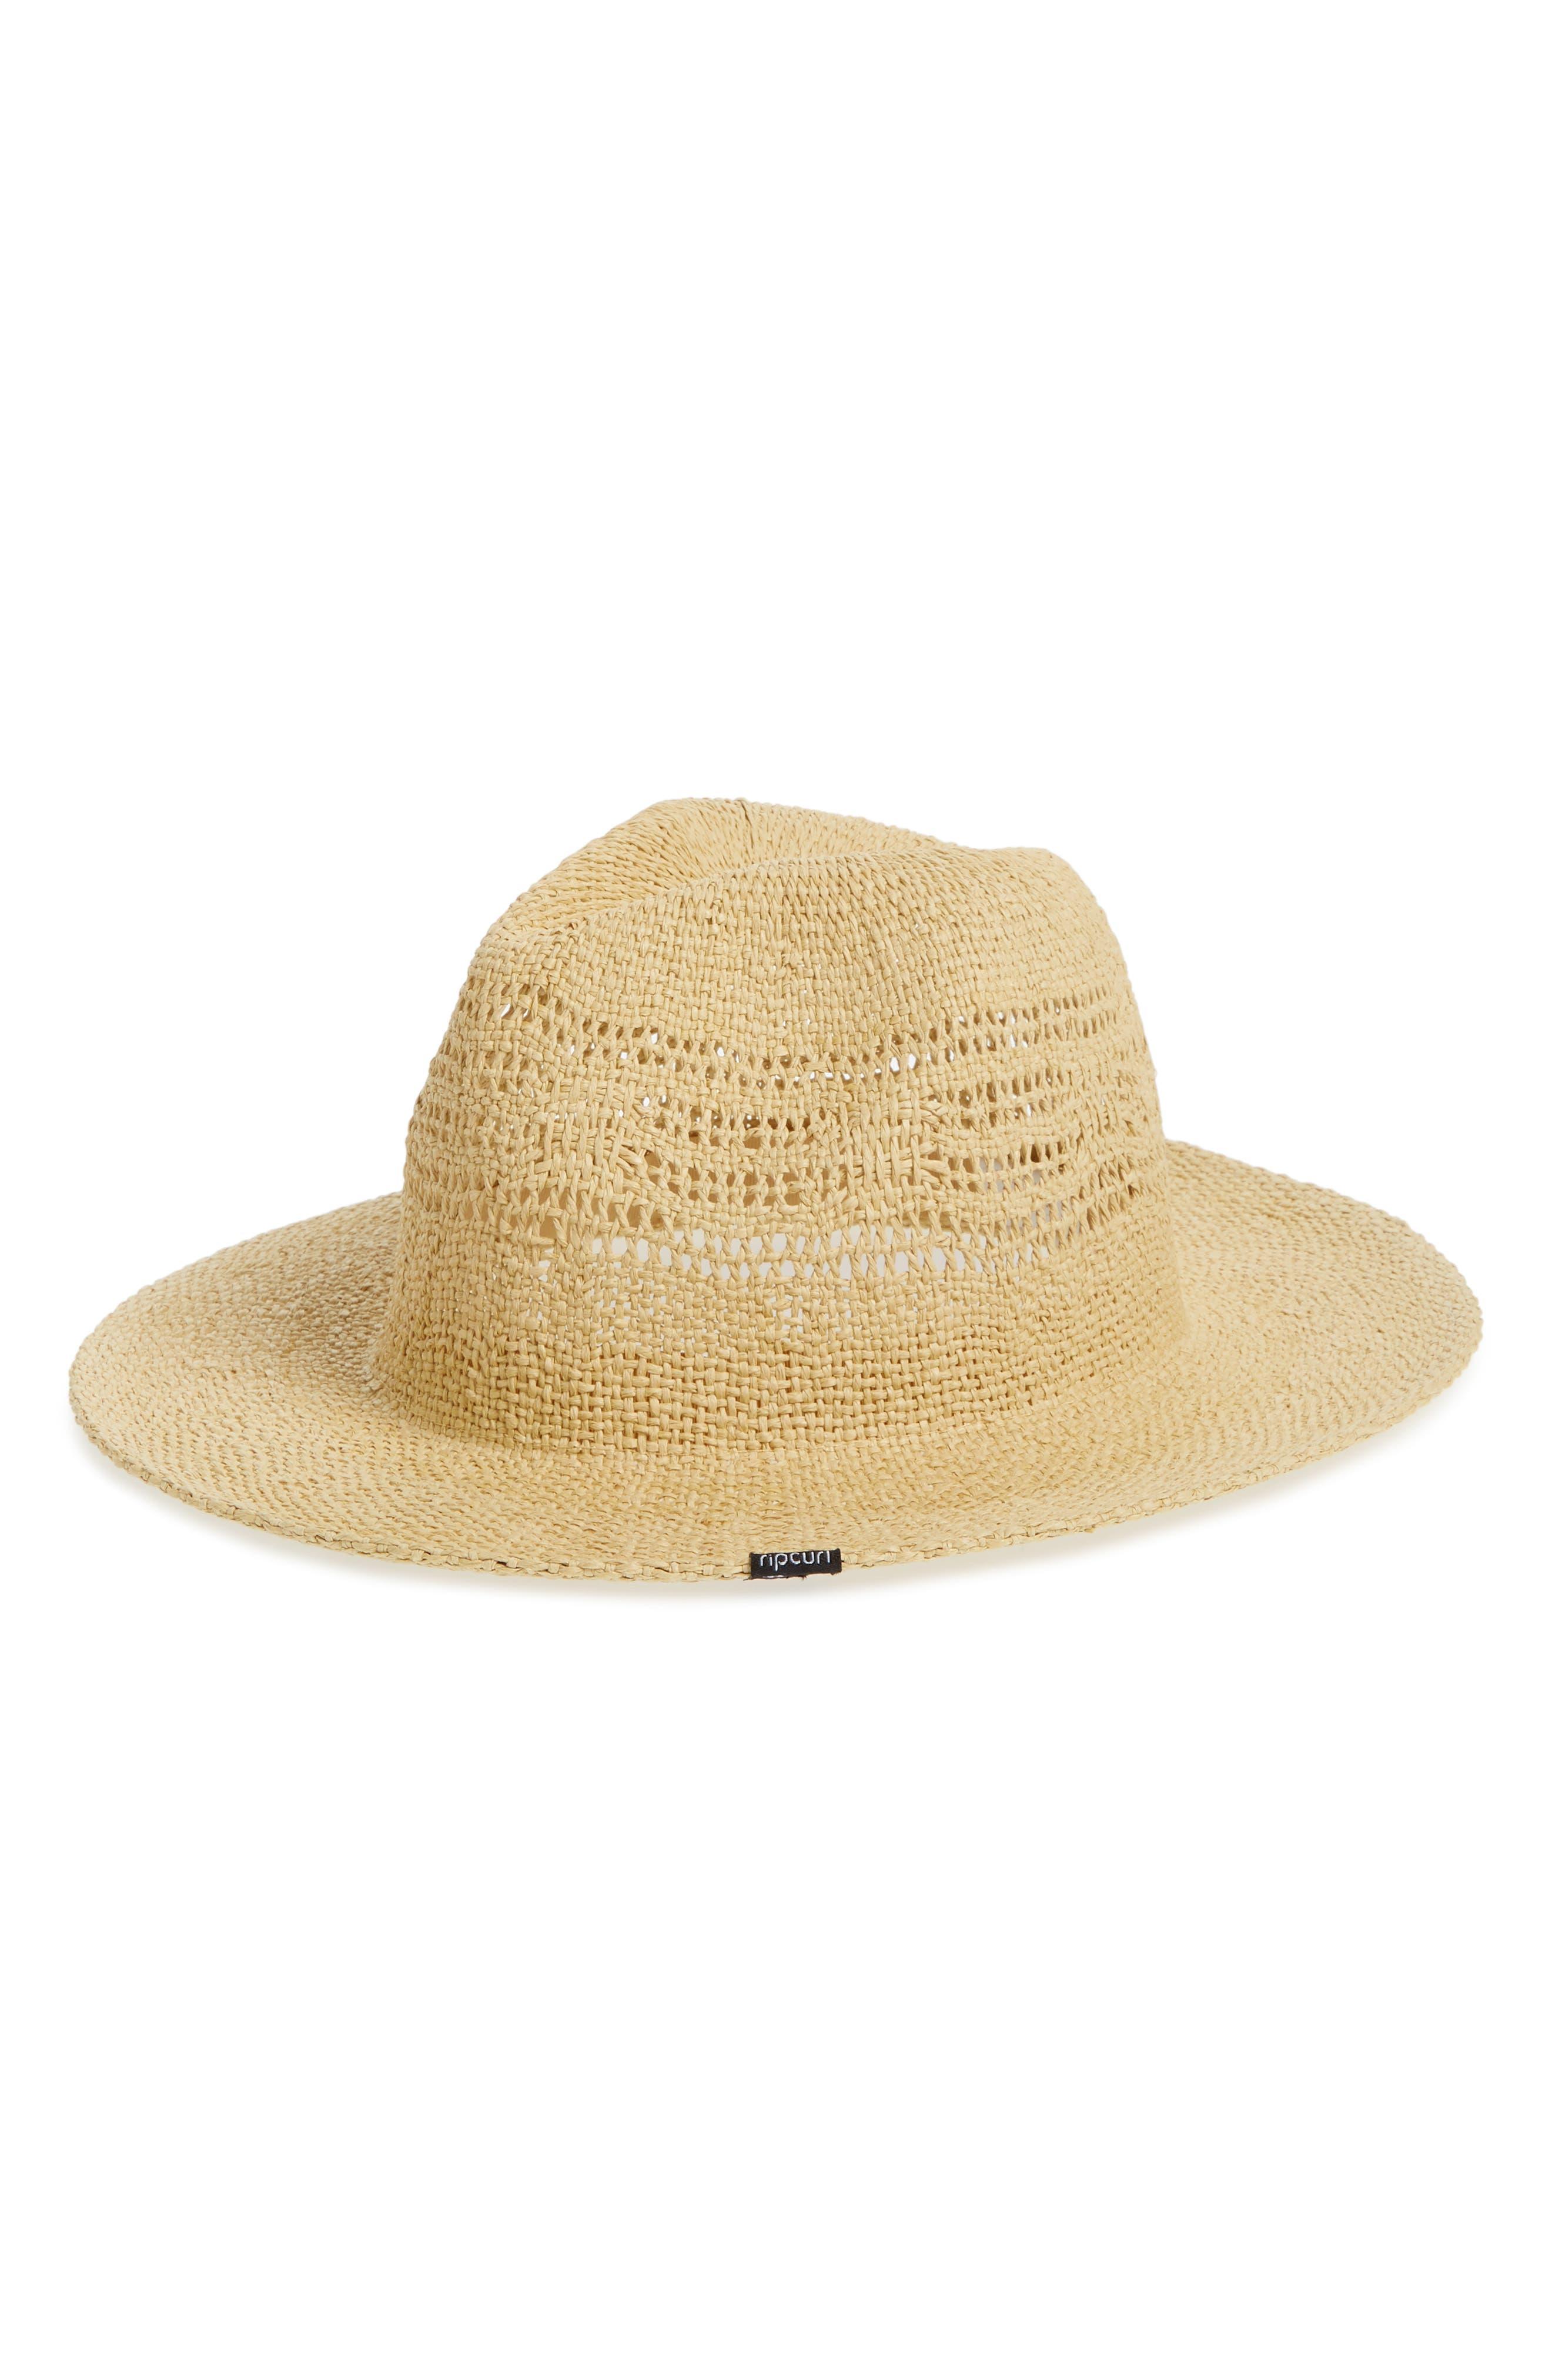 Ritual Panama Straw Hat,                             Main thumbnail 1, color,                             Natural